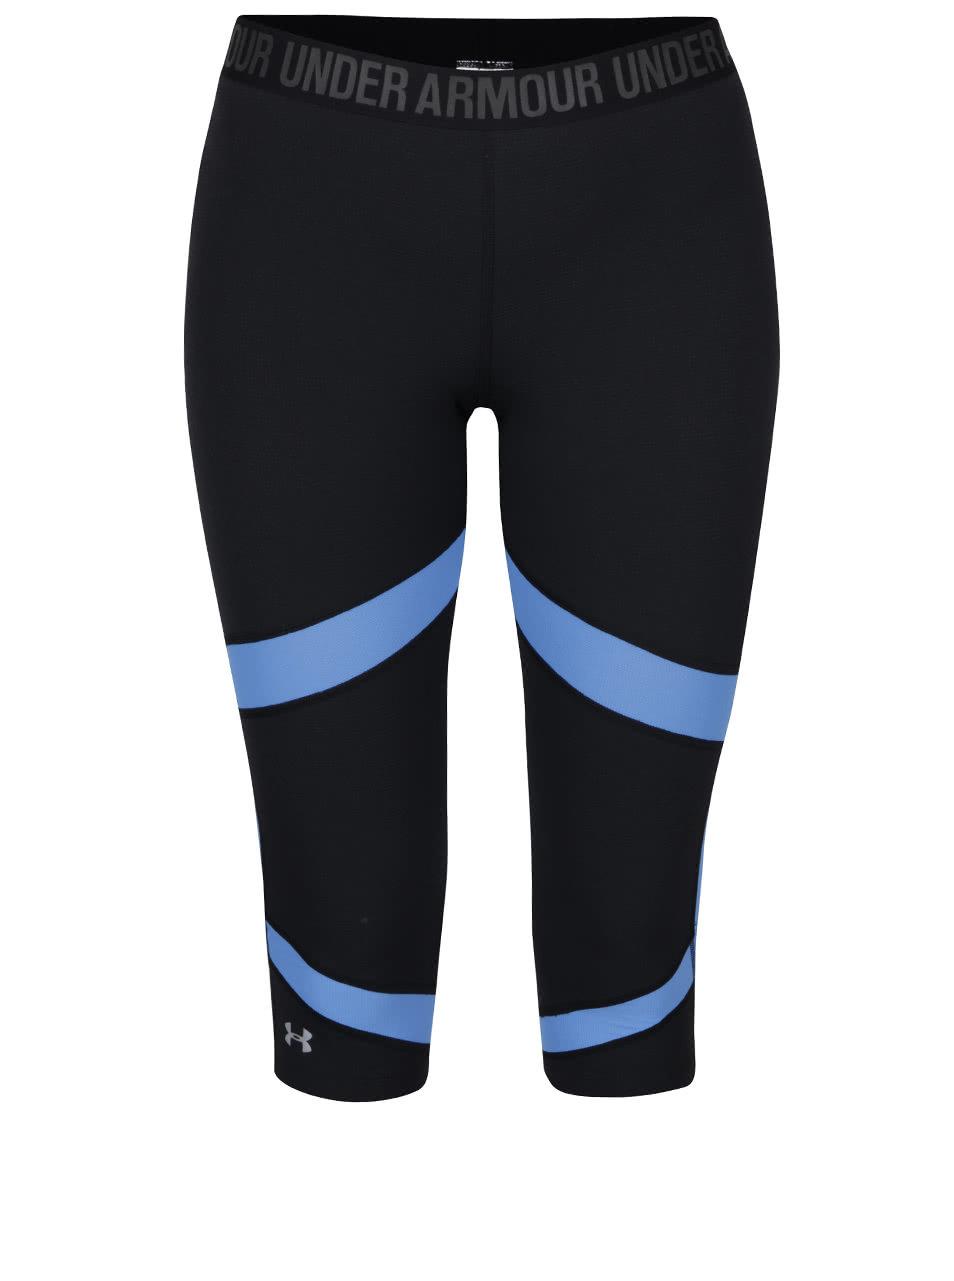 eab24b1a1d5 Modro-černé dámské sportovní legíny Under Armour Coolswitch Capri ...